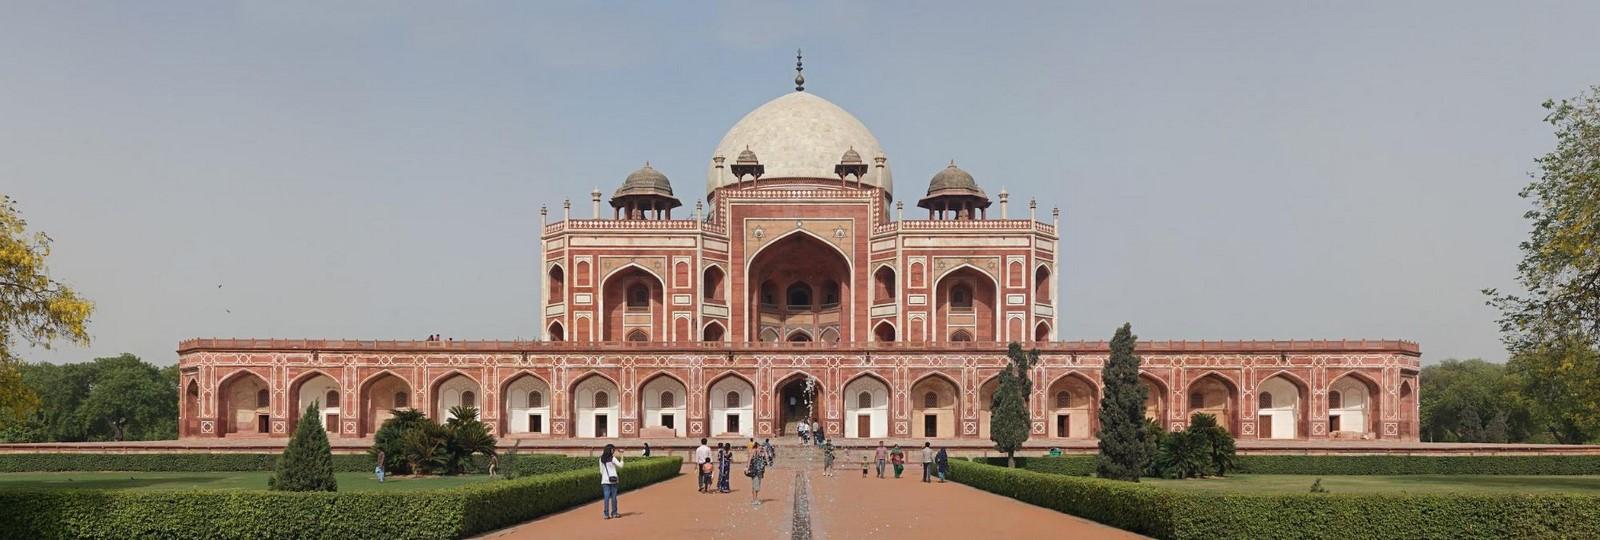 South Asian Domes- Sheet1